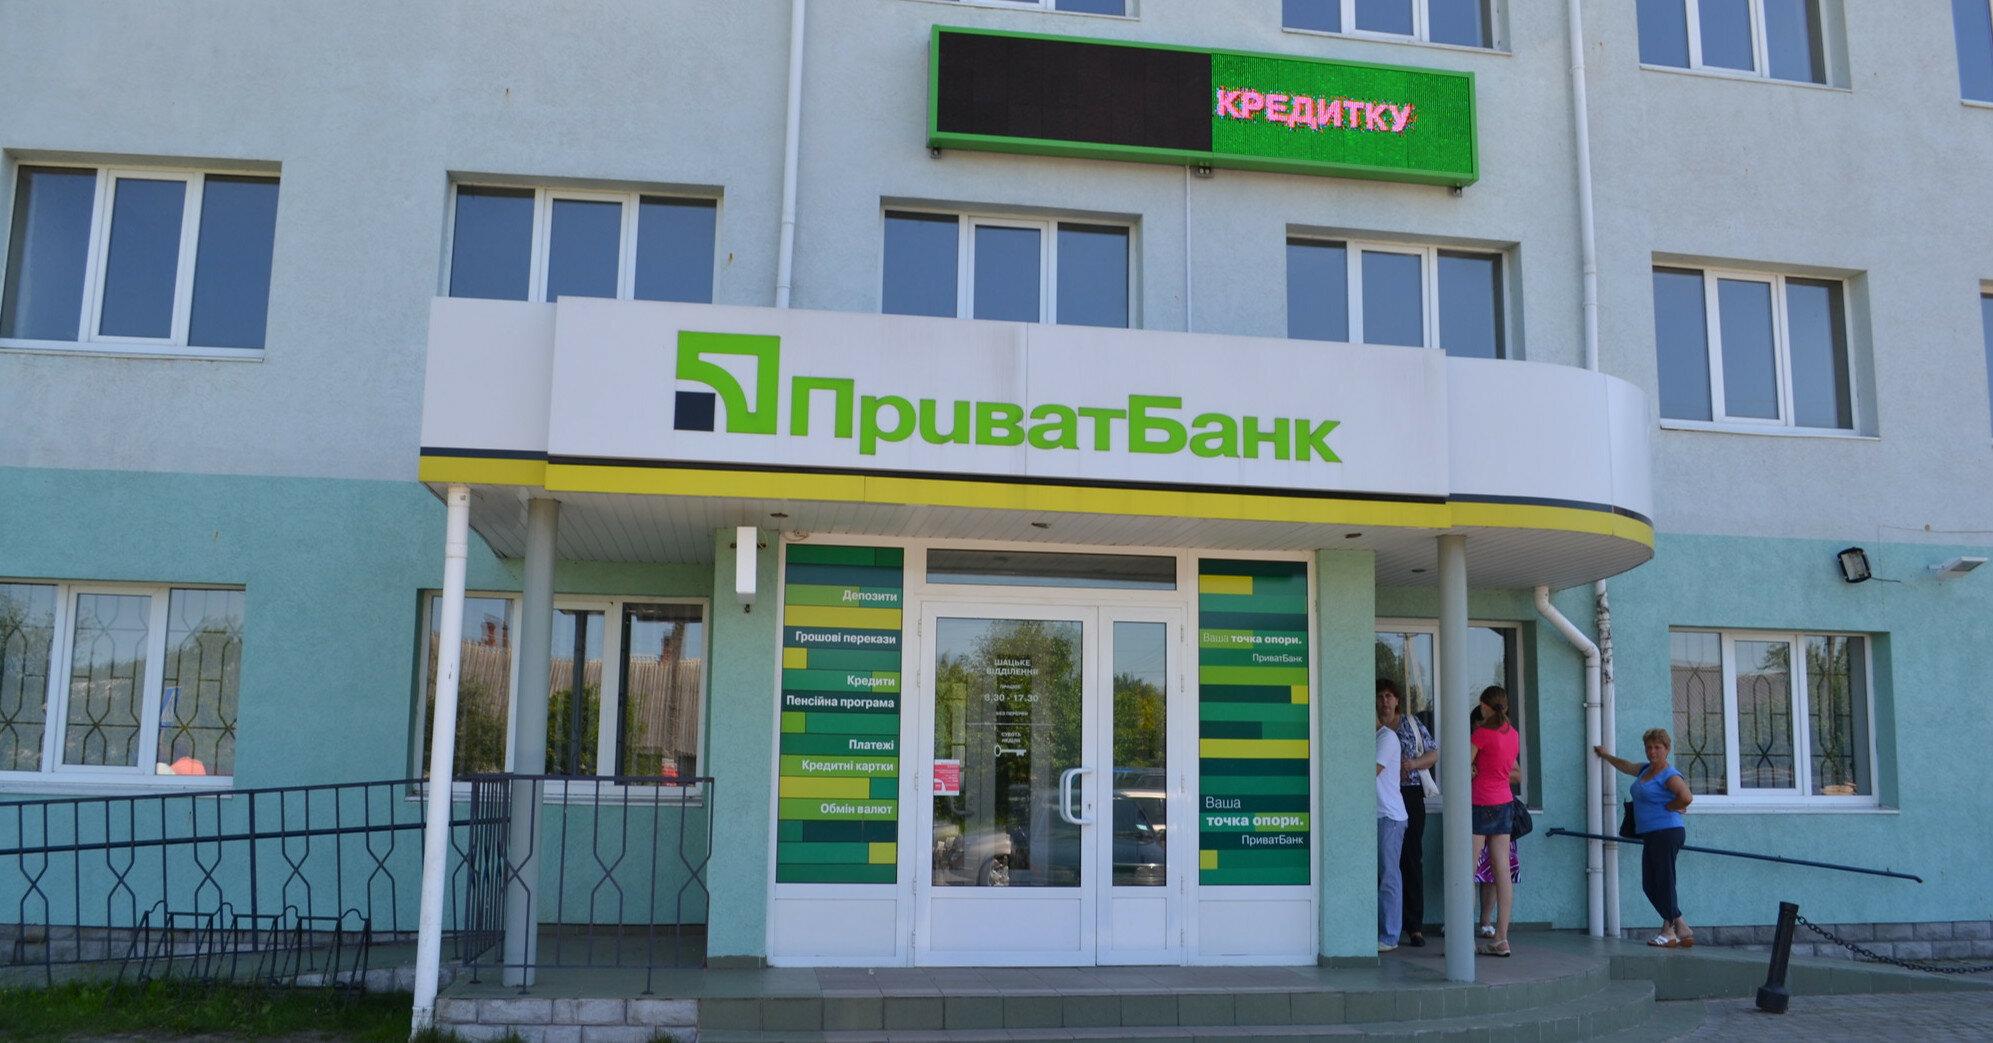 Счет на миллиарды: ПриватБанк ускорился с выдачей доступных кредитов